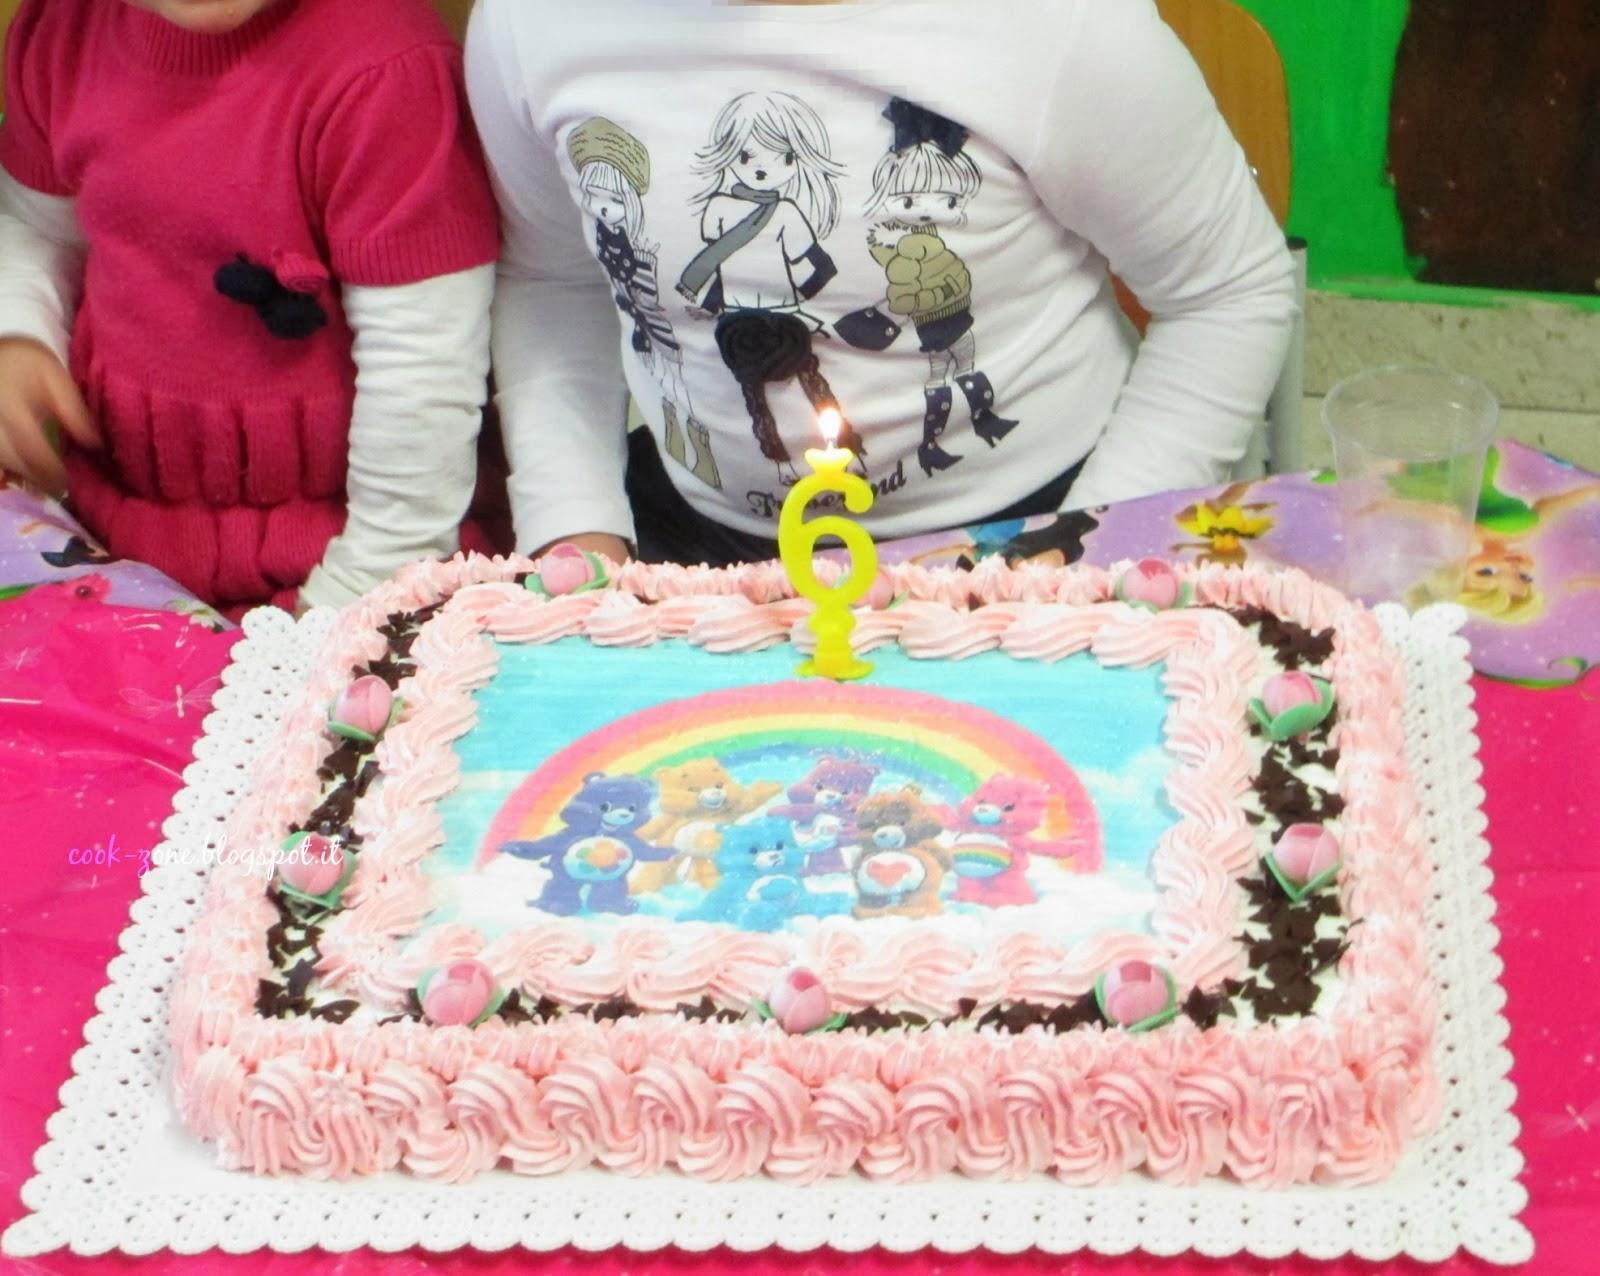 Conosciuto CoOk ZoNe: Due torte per una bimba speciale! YM73